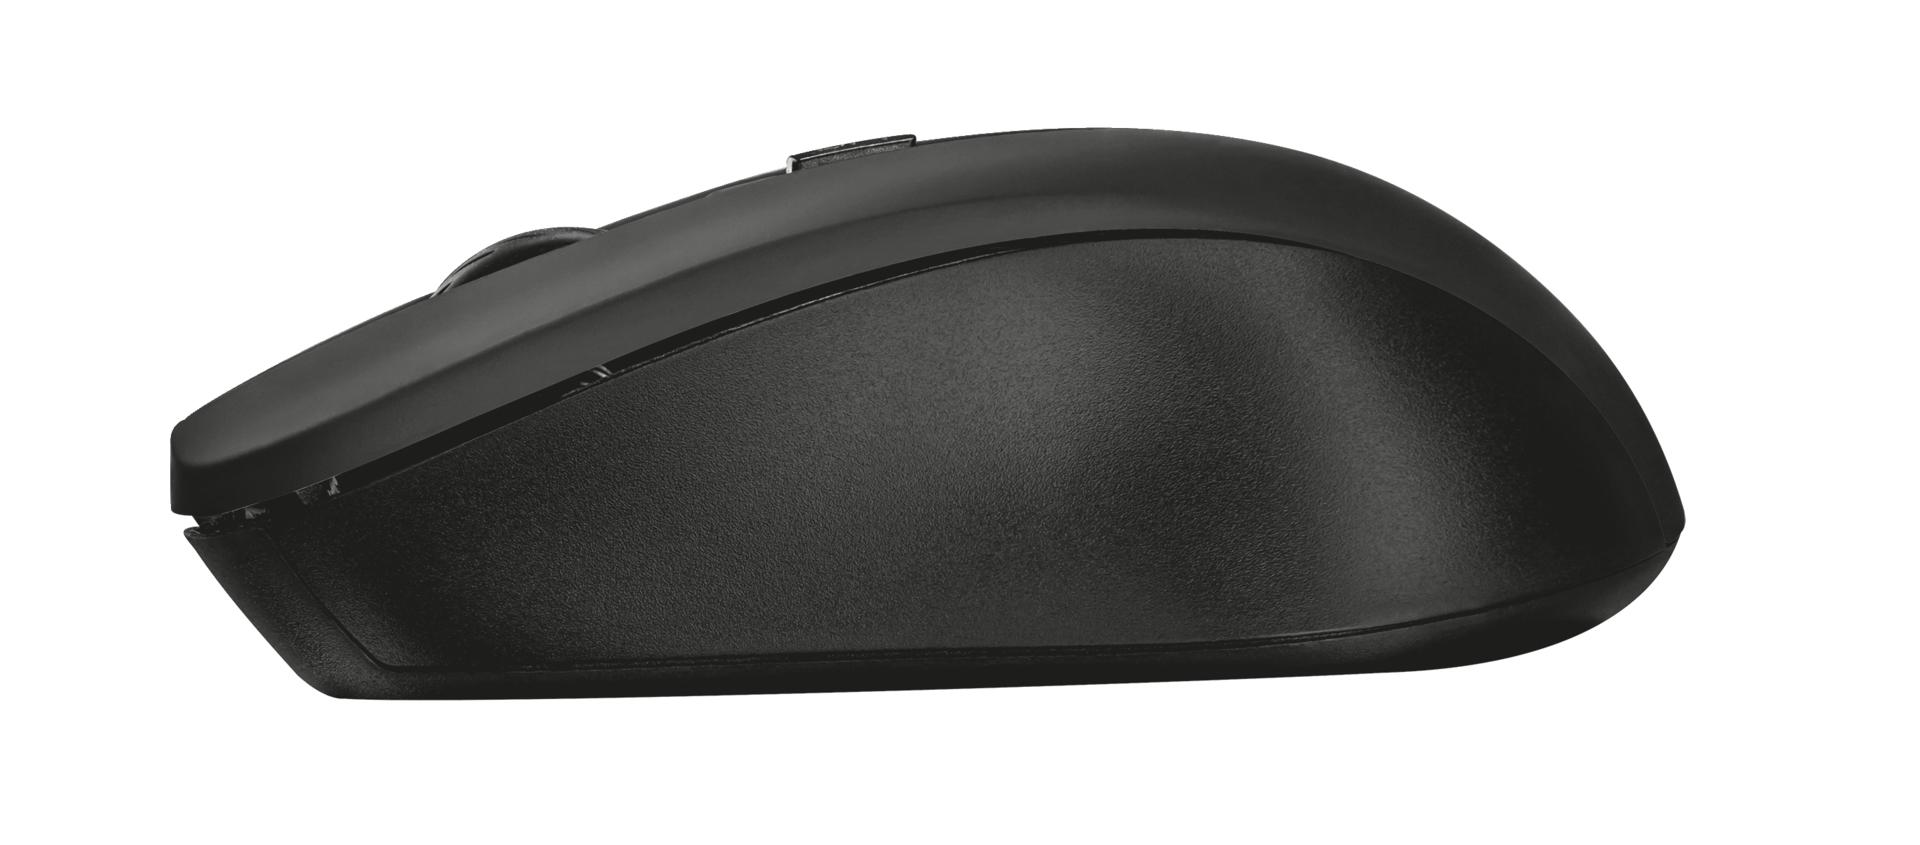 Silent Click Mydo Mouse (4 knoppen, zwart)